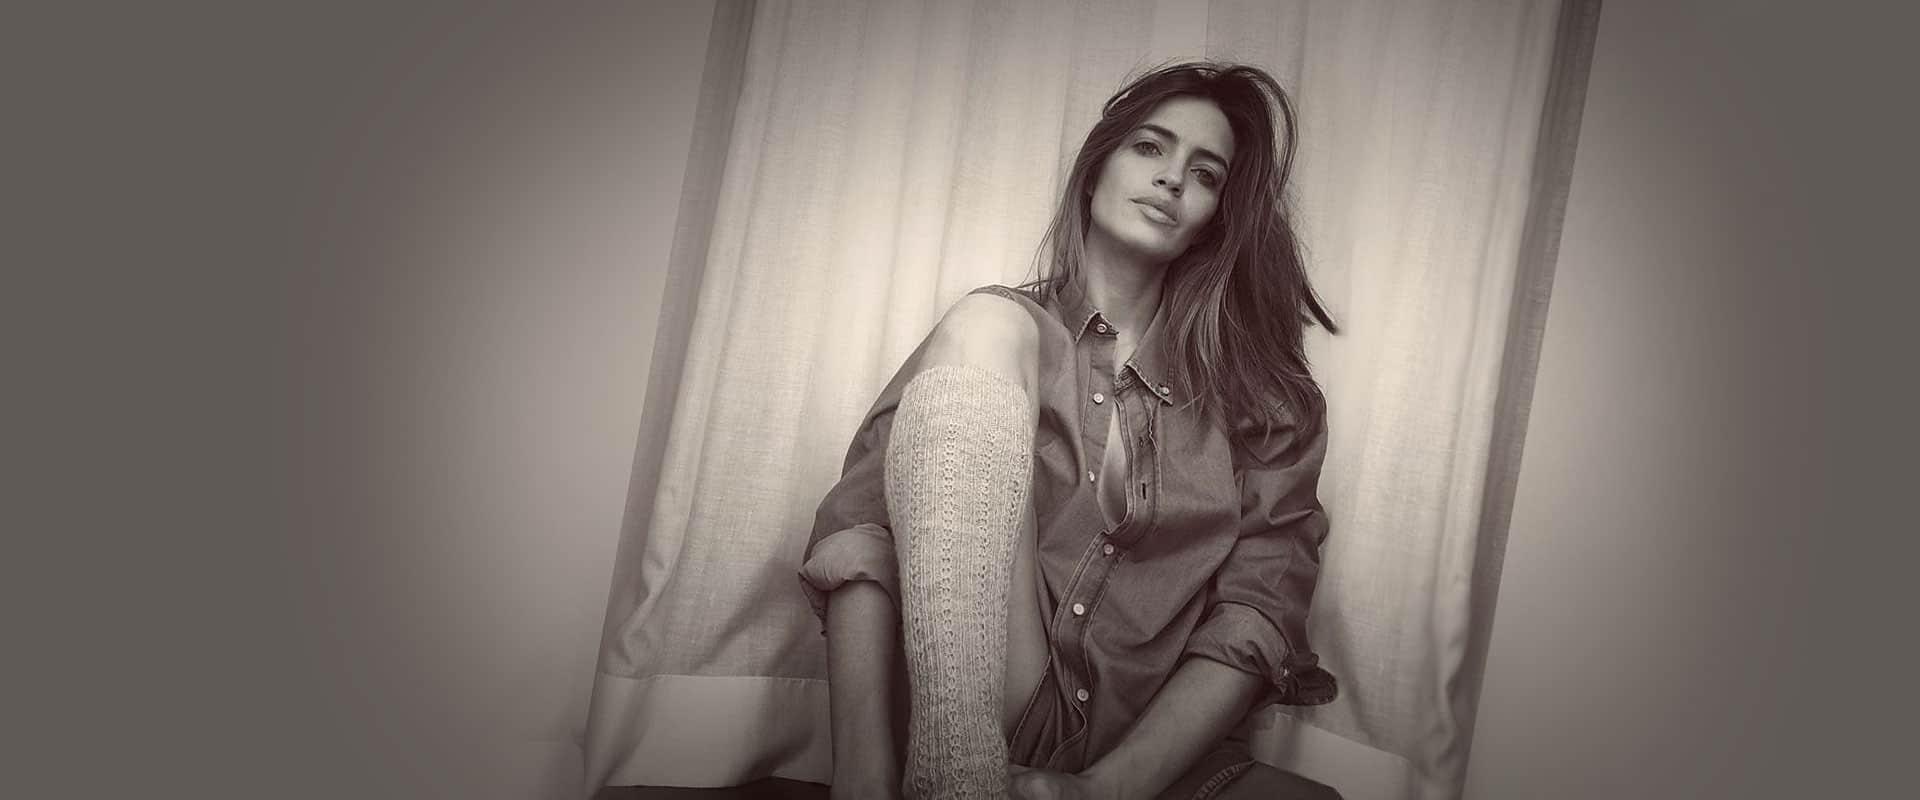 Sara Carbonero enseña en Instagram el look más estiloso (y sexy) de la cuarentena